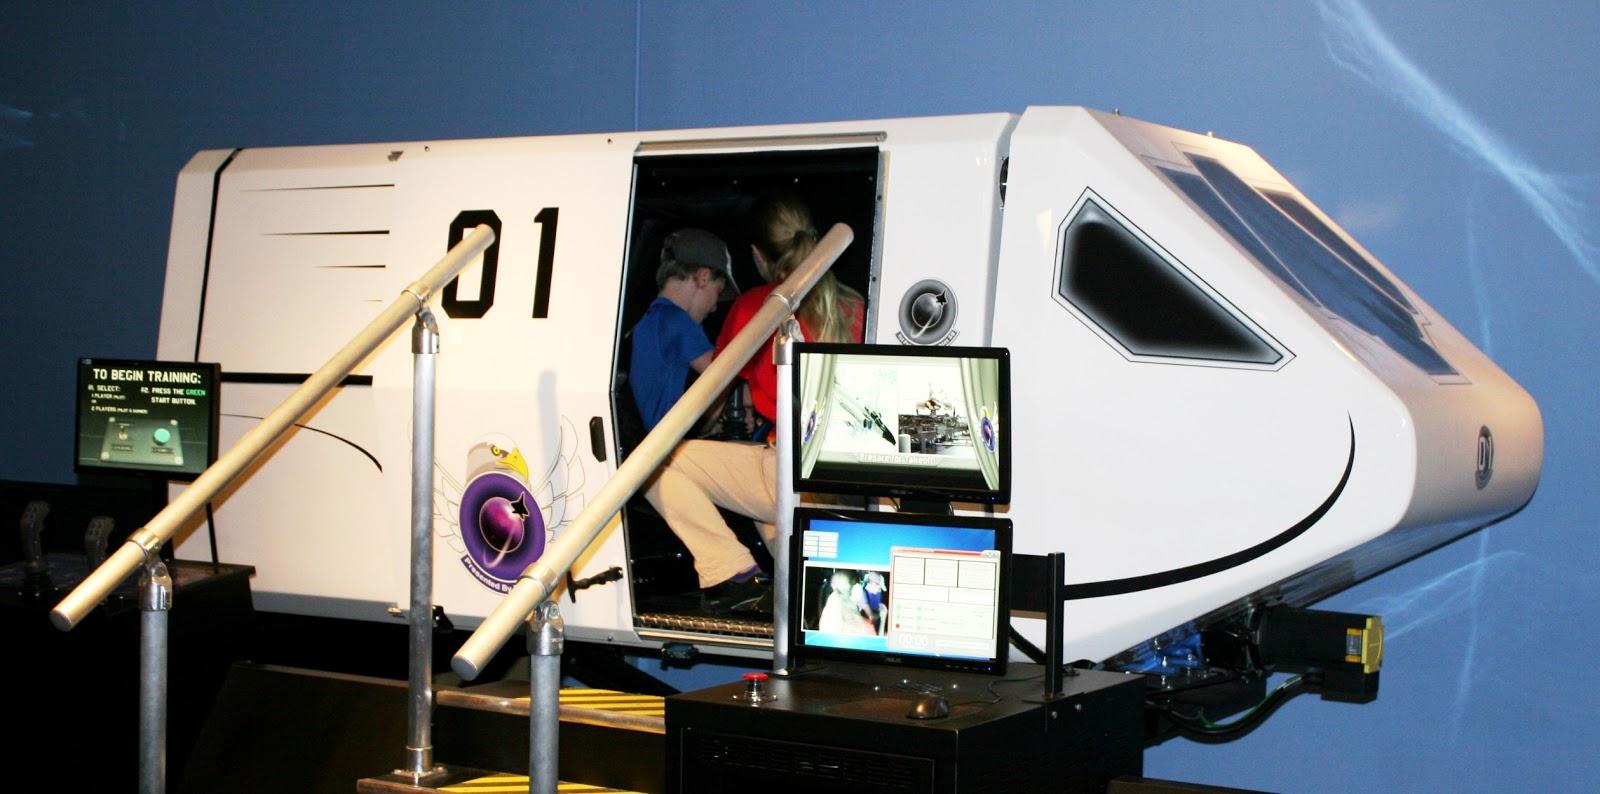 adler planetarium space shuttle simulator - photo #44